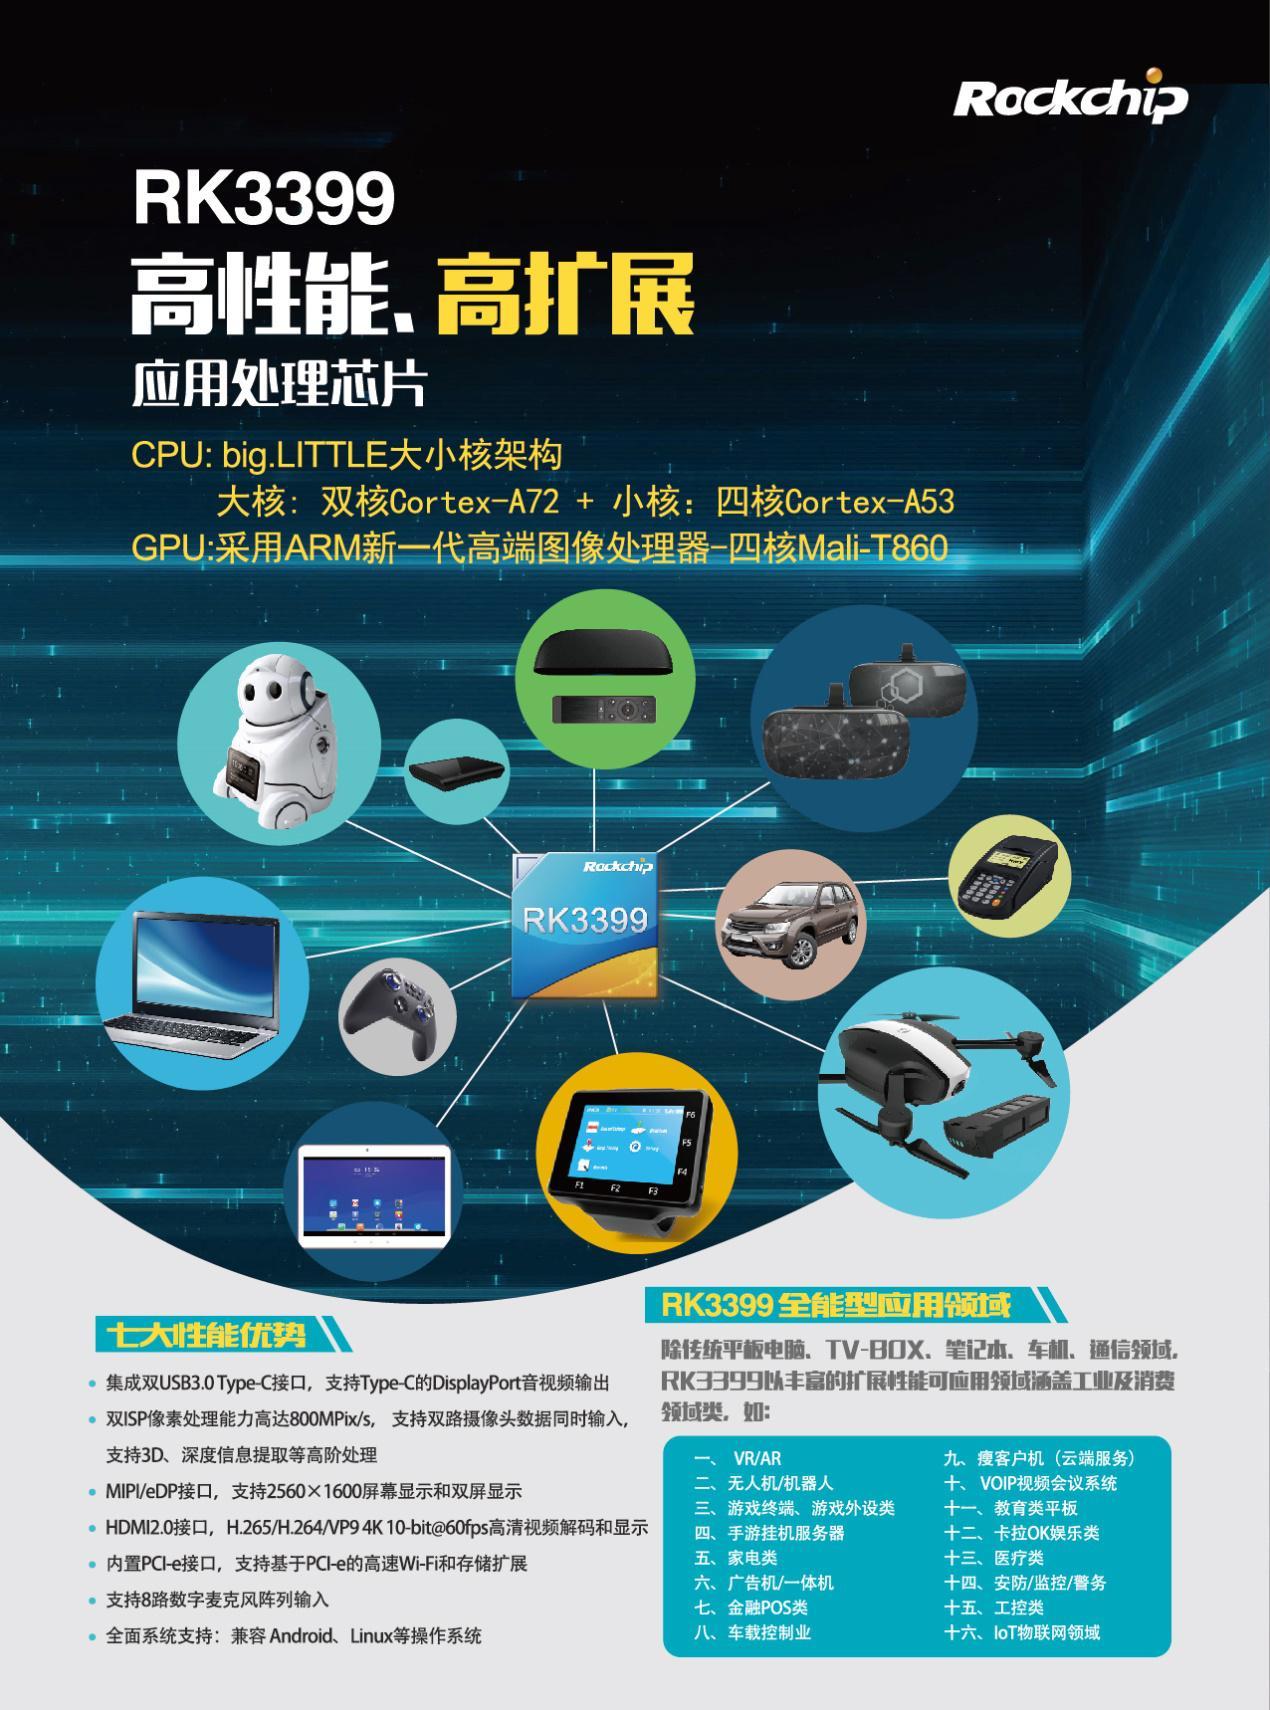 瑞芯微RK3399芯片发布 高性能高扩展全能型